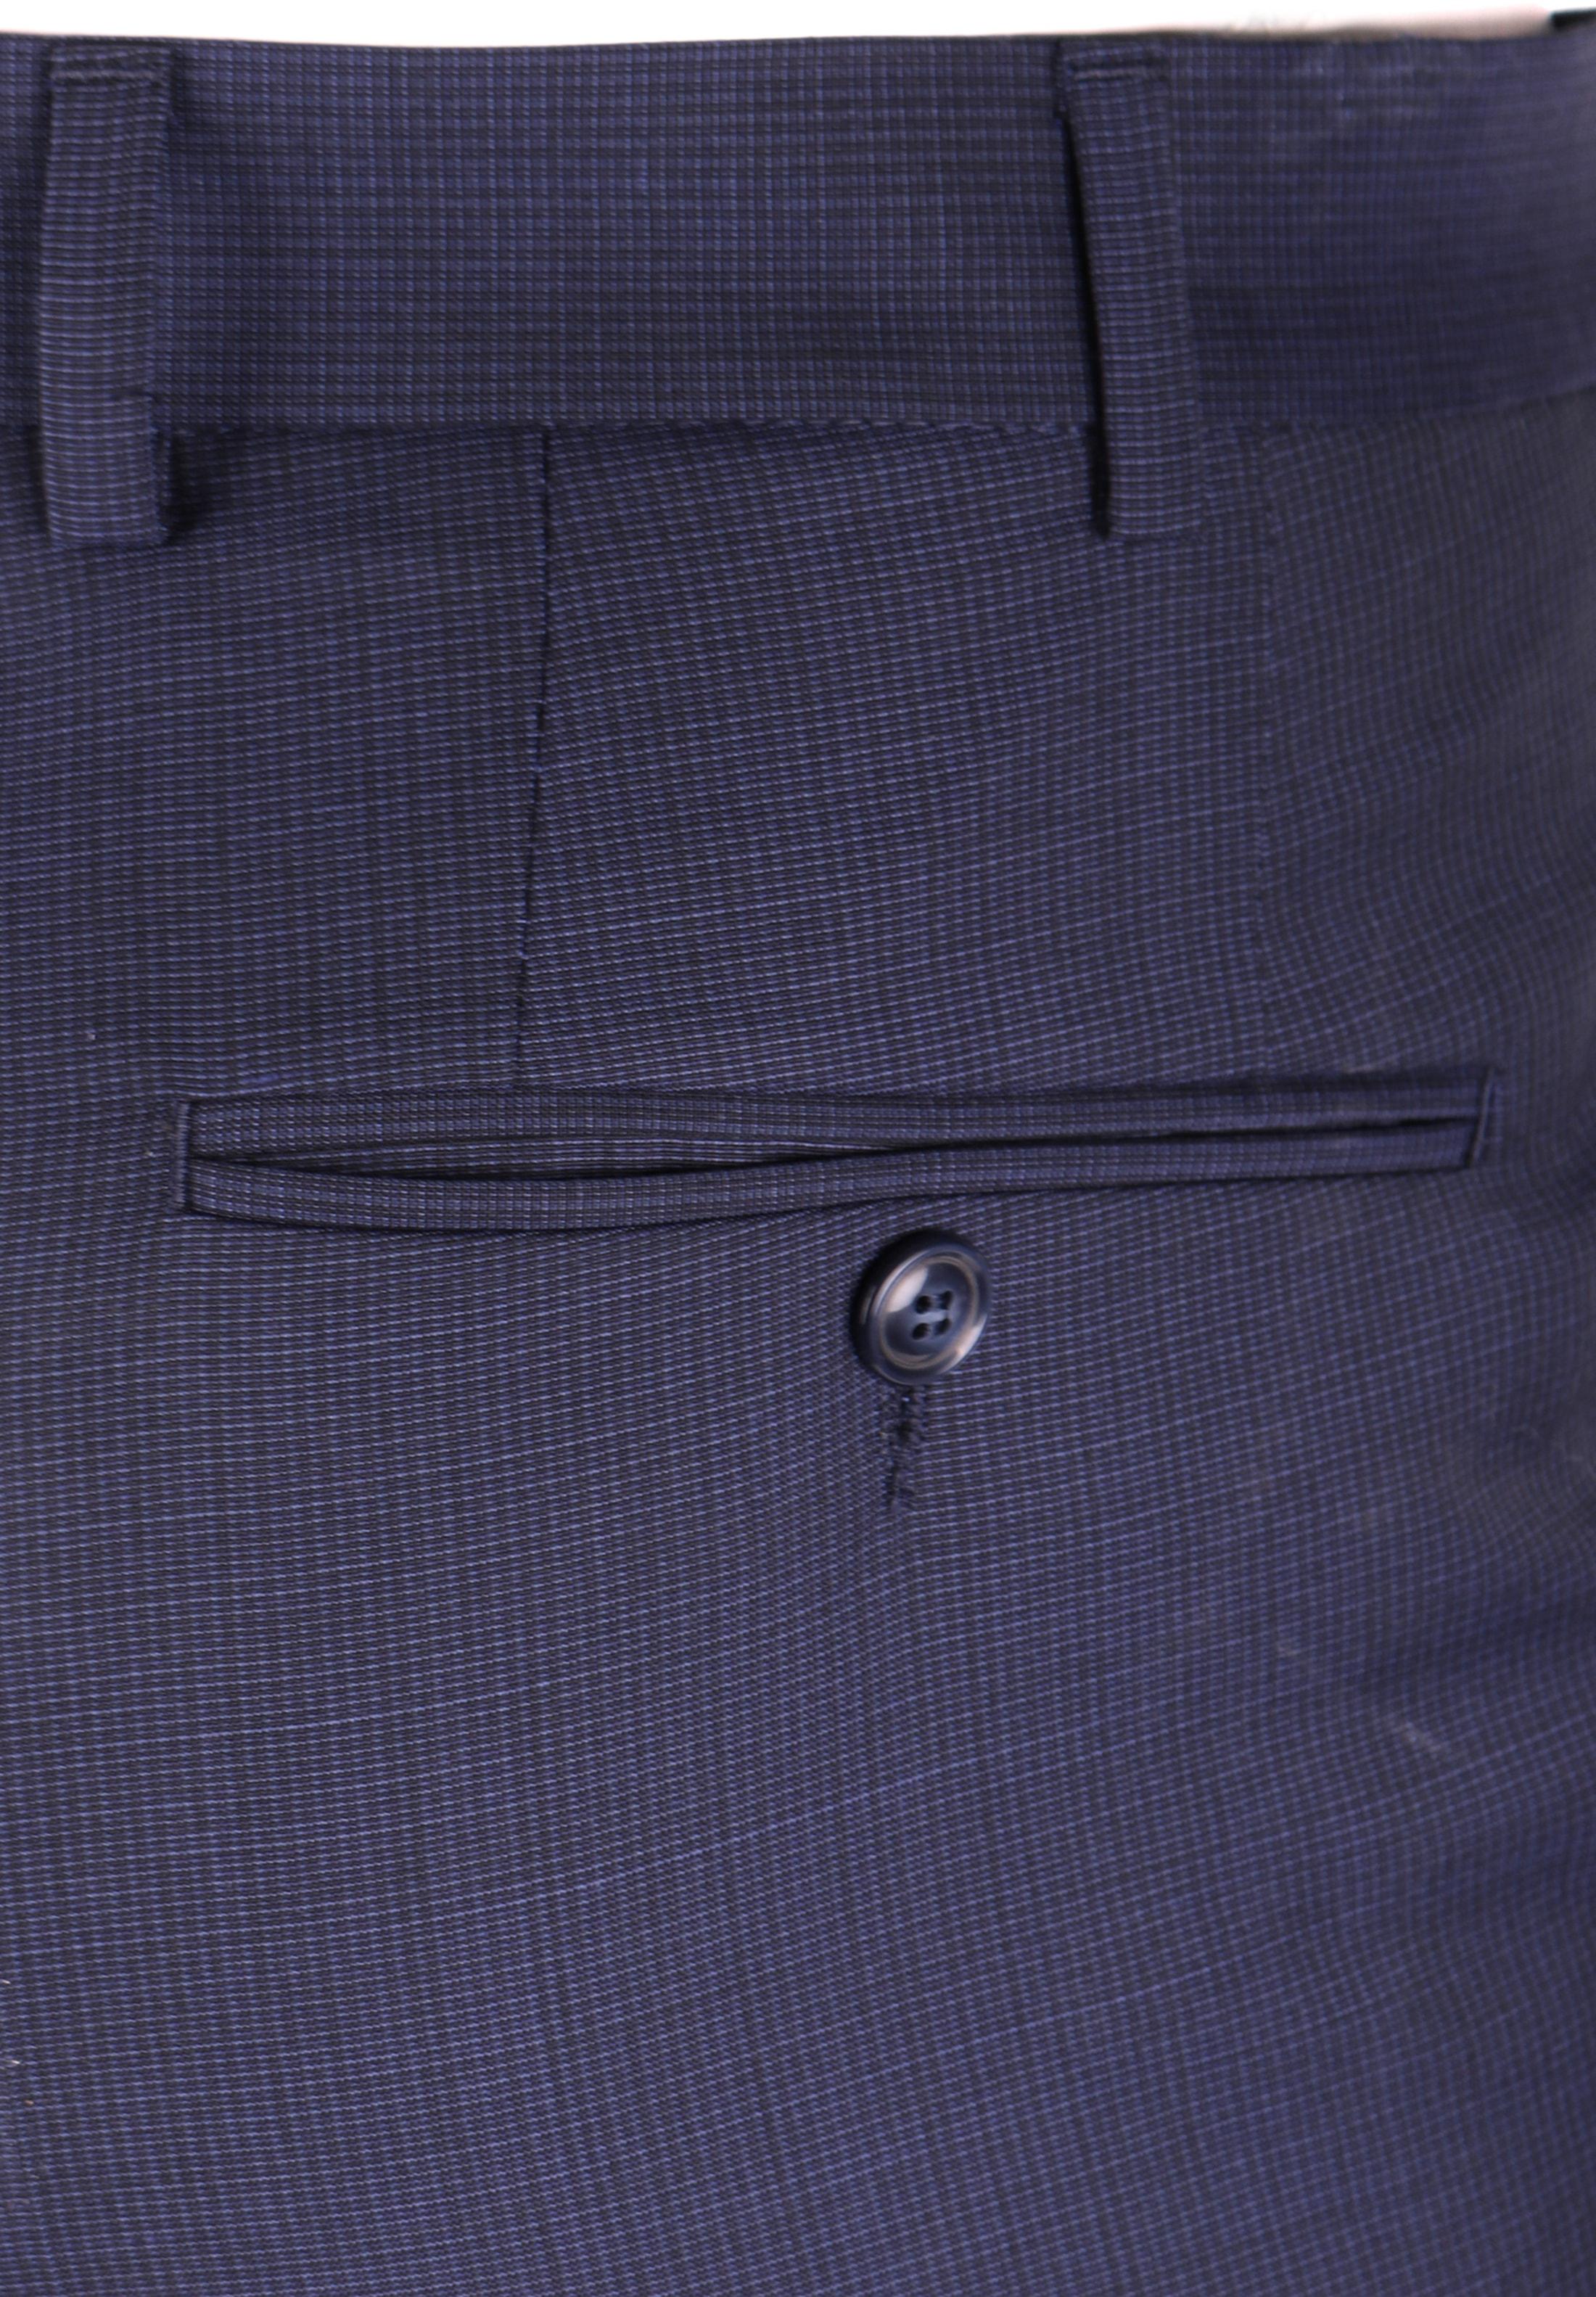 Digel Per Pantalon Navy Ruit foto 4